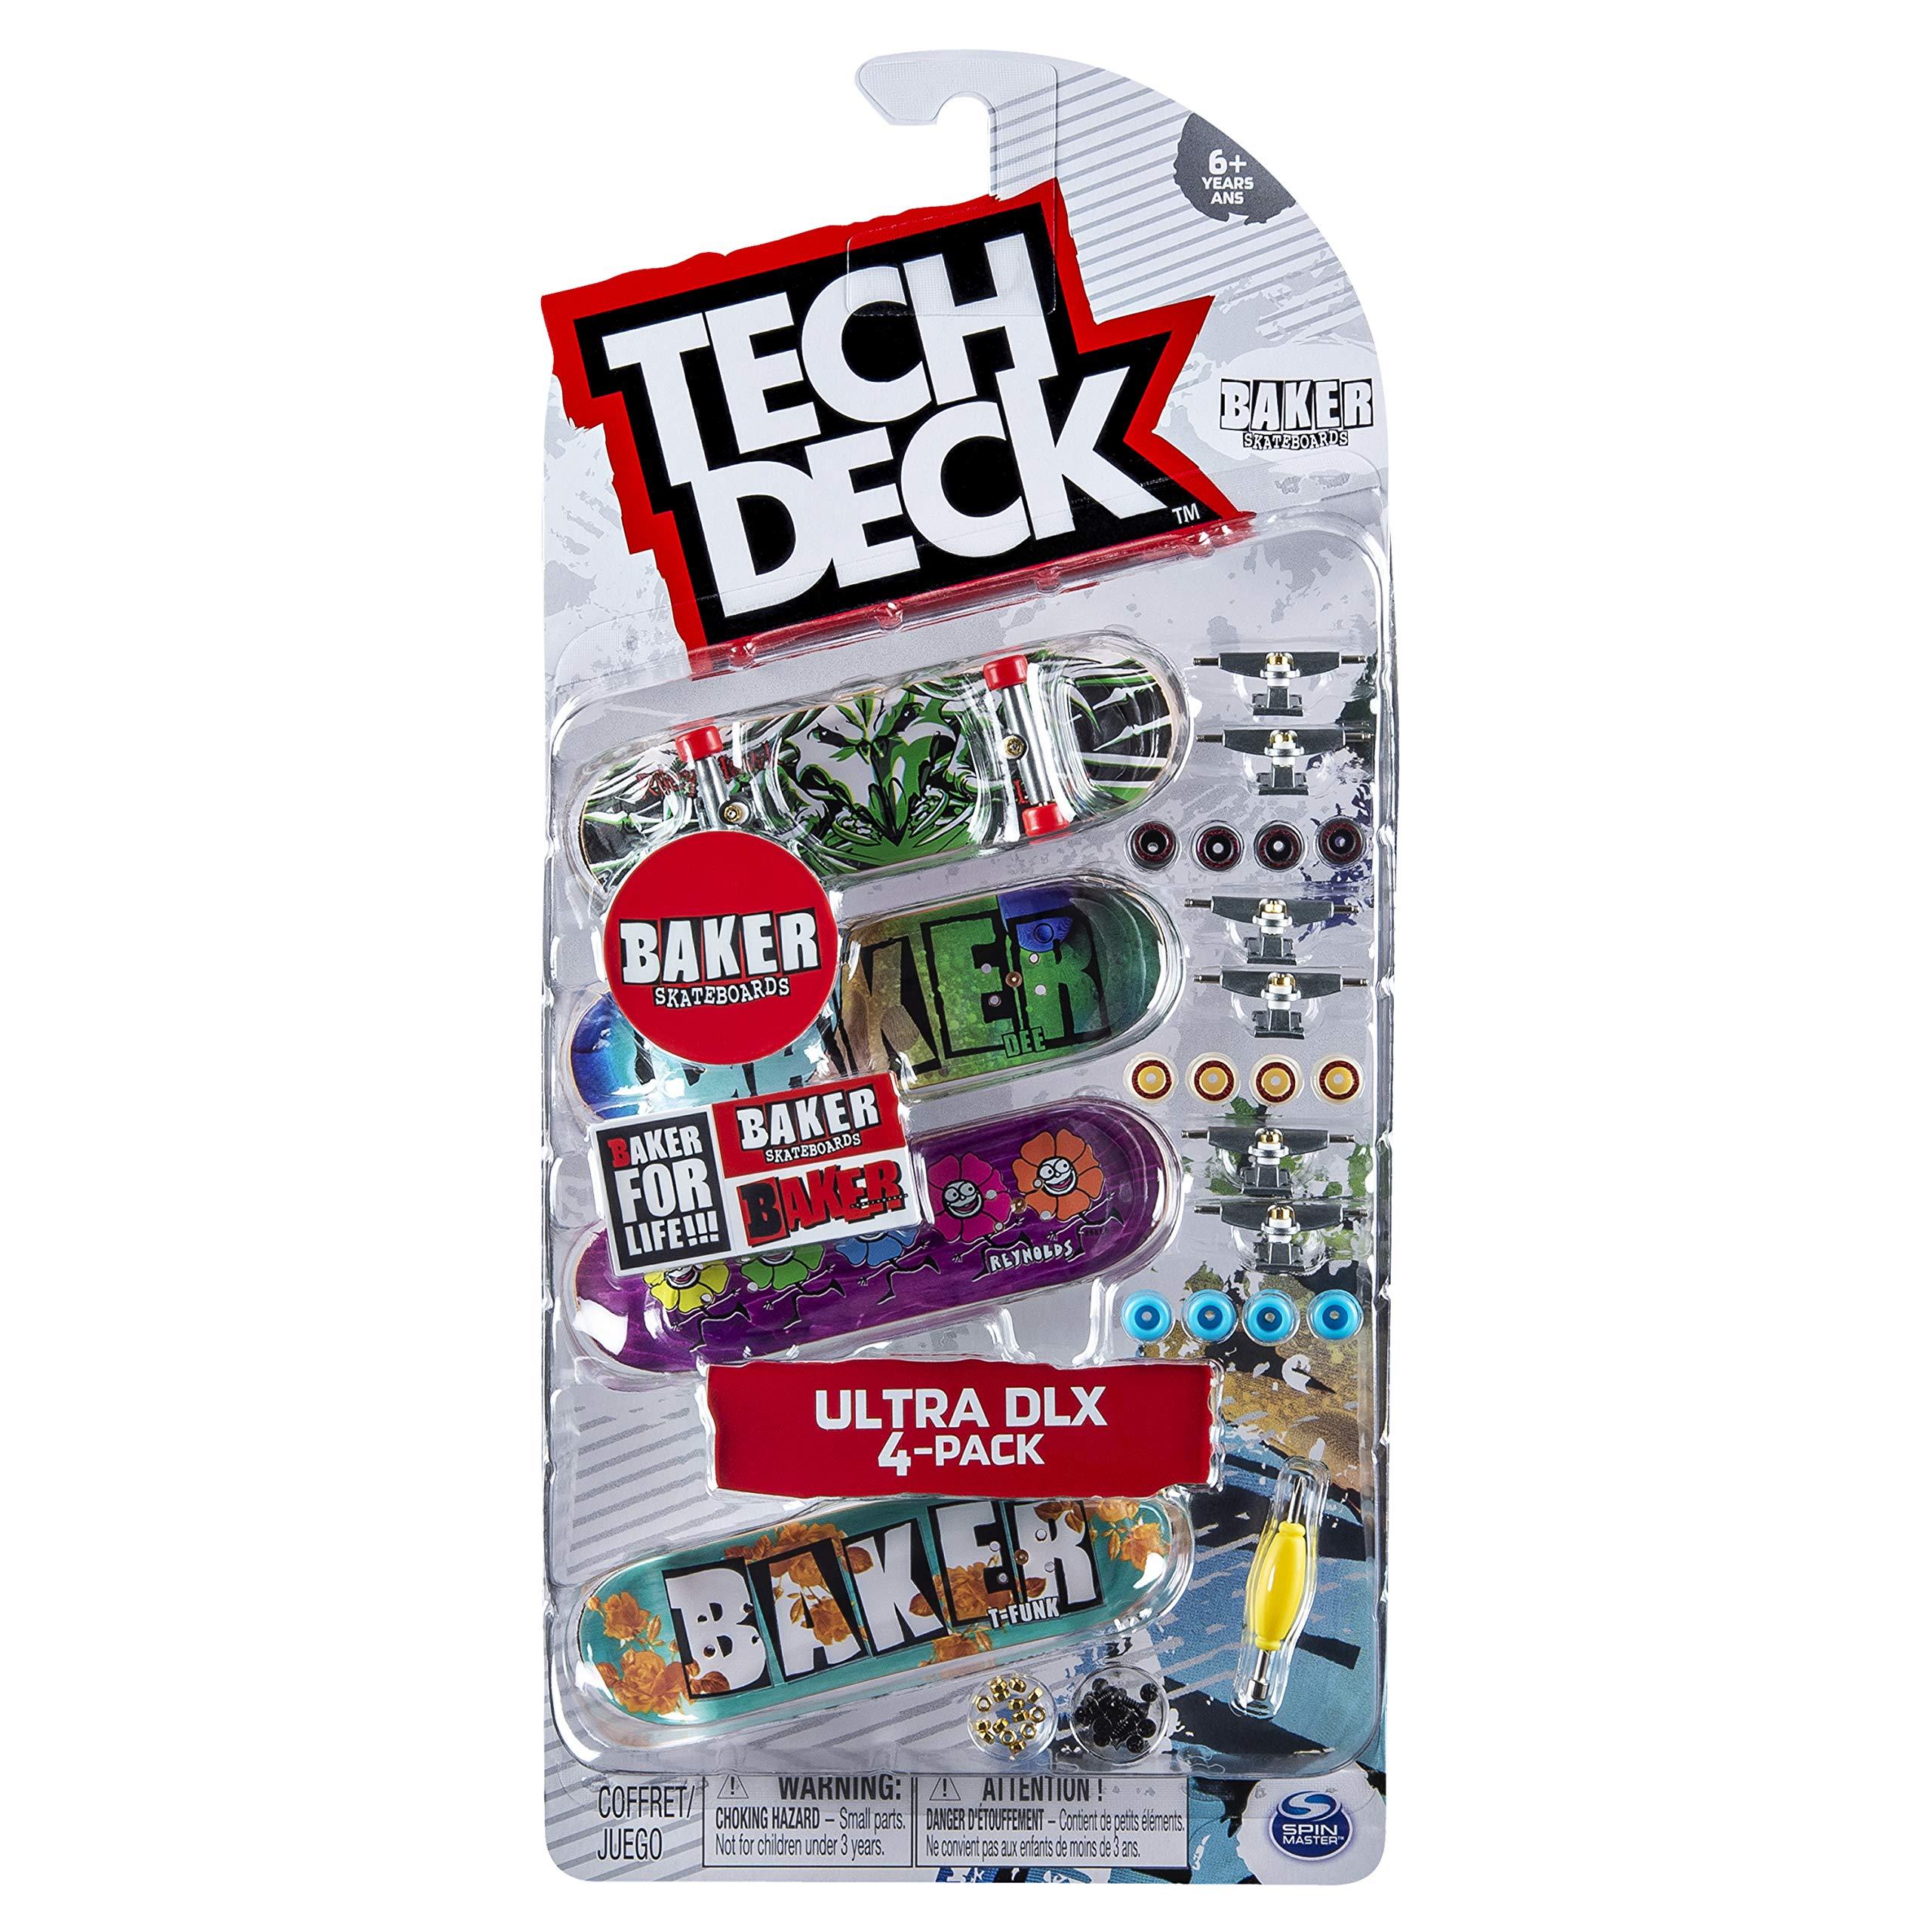 Tech-Deck Ultra DLX 4 Pack 96mm Fingerboards - Baker 2019 Edition by Tech-Deck